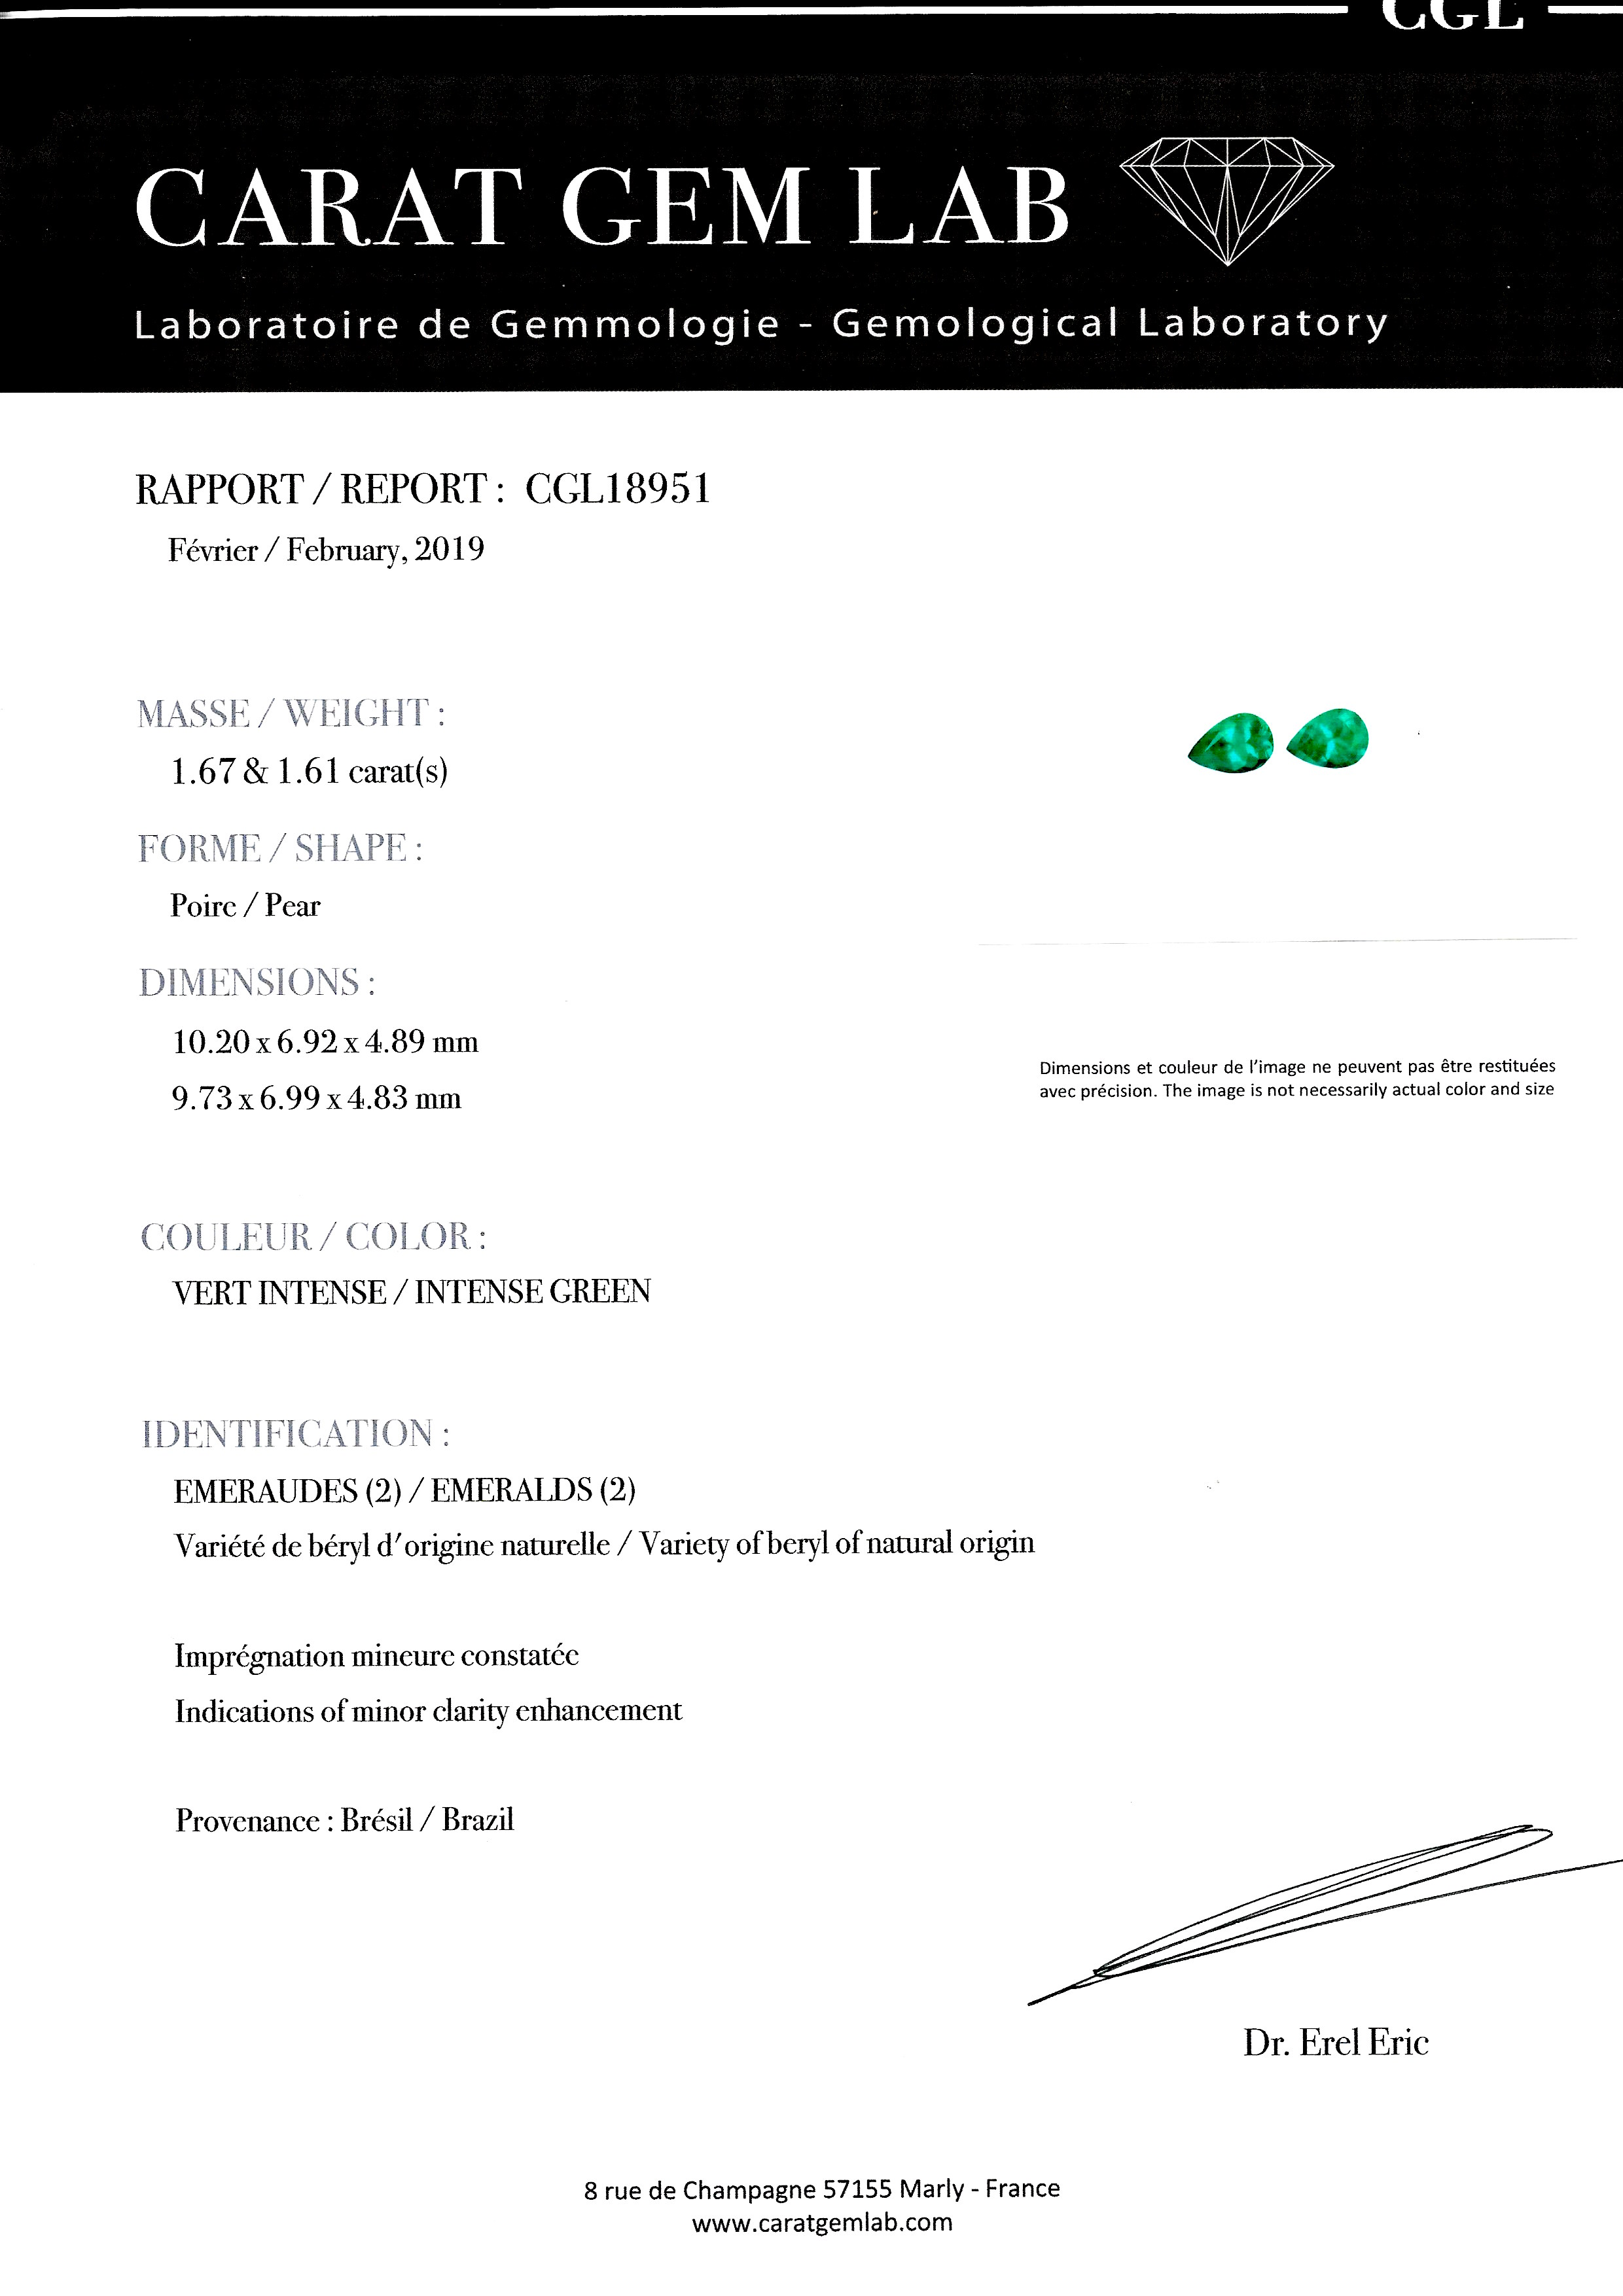 Boucles d'oreilles émeraudes vert intense 3,28 carats (certificat CGL) diamants-2